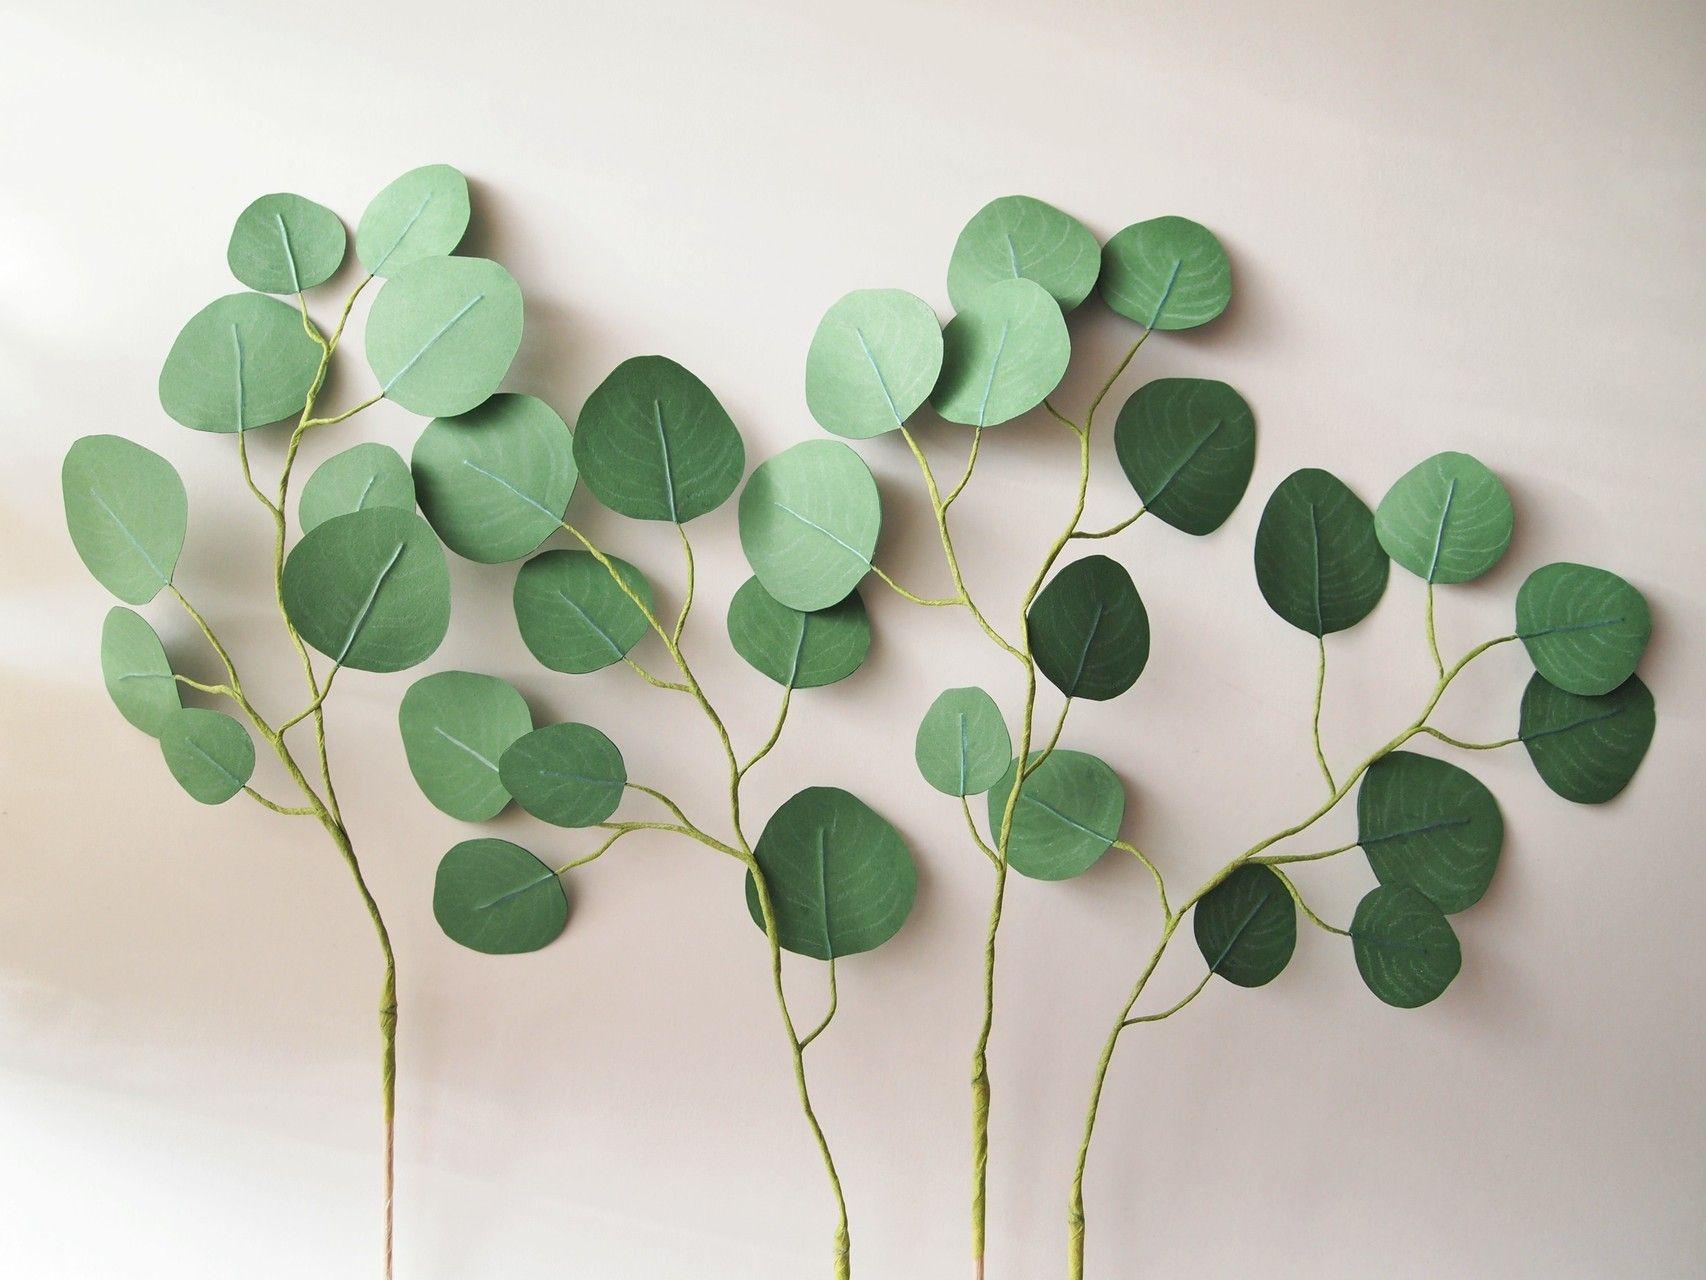 Gallery Lifelike Handmade Crepe Paper Flowers Amelis Krepppapier